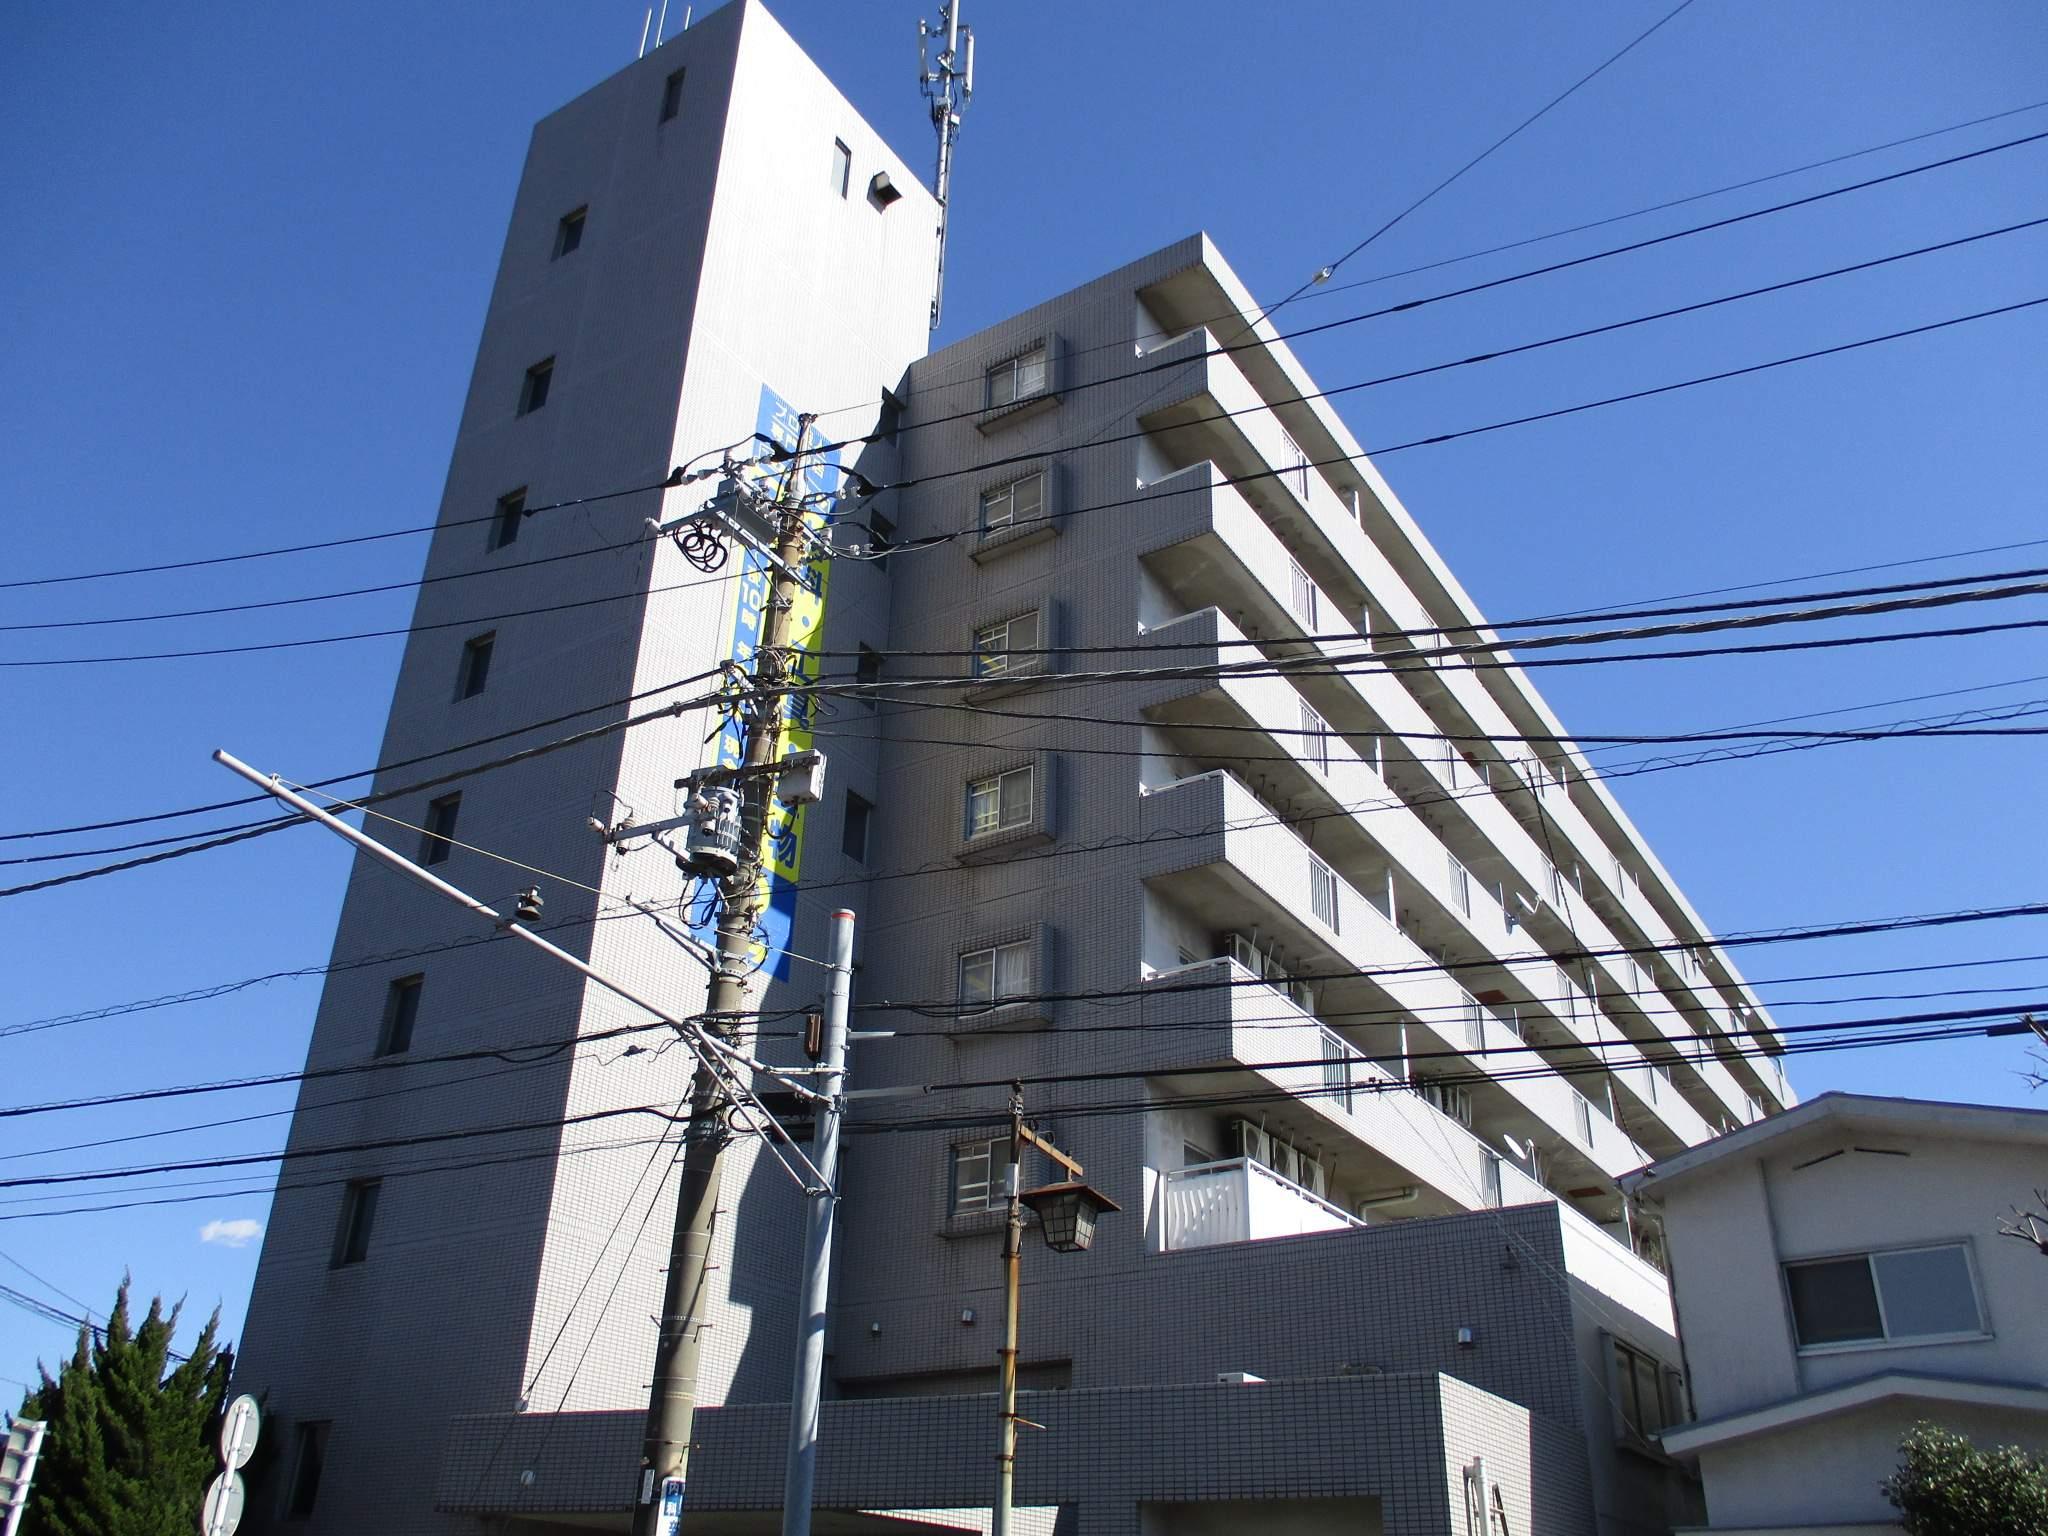 神奈川県厚木市、厚木駅徒歩19分の築25年 8階建の賃貸マンション